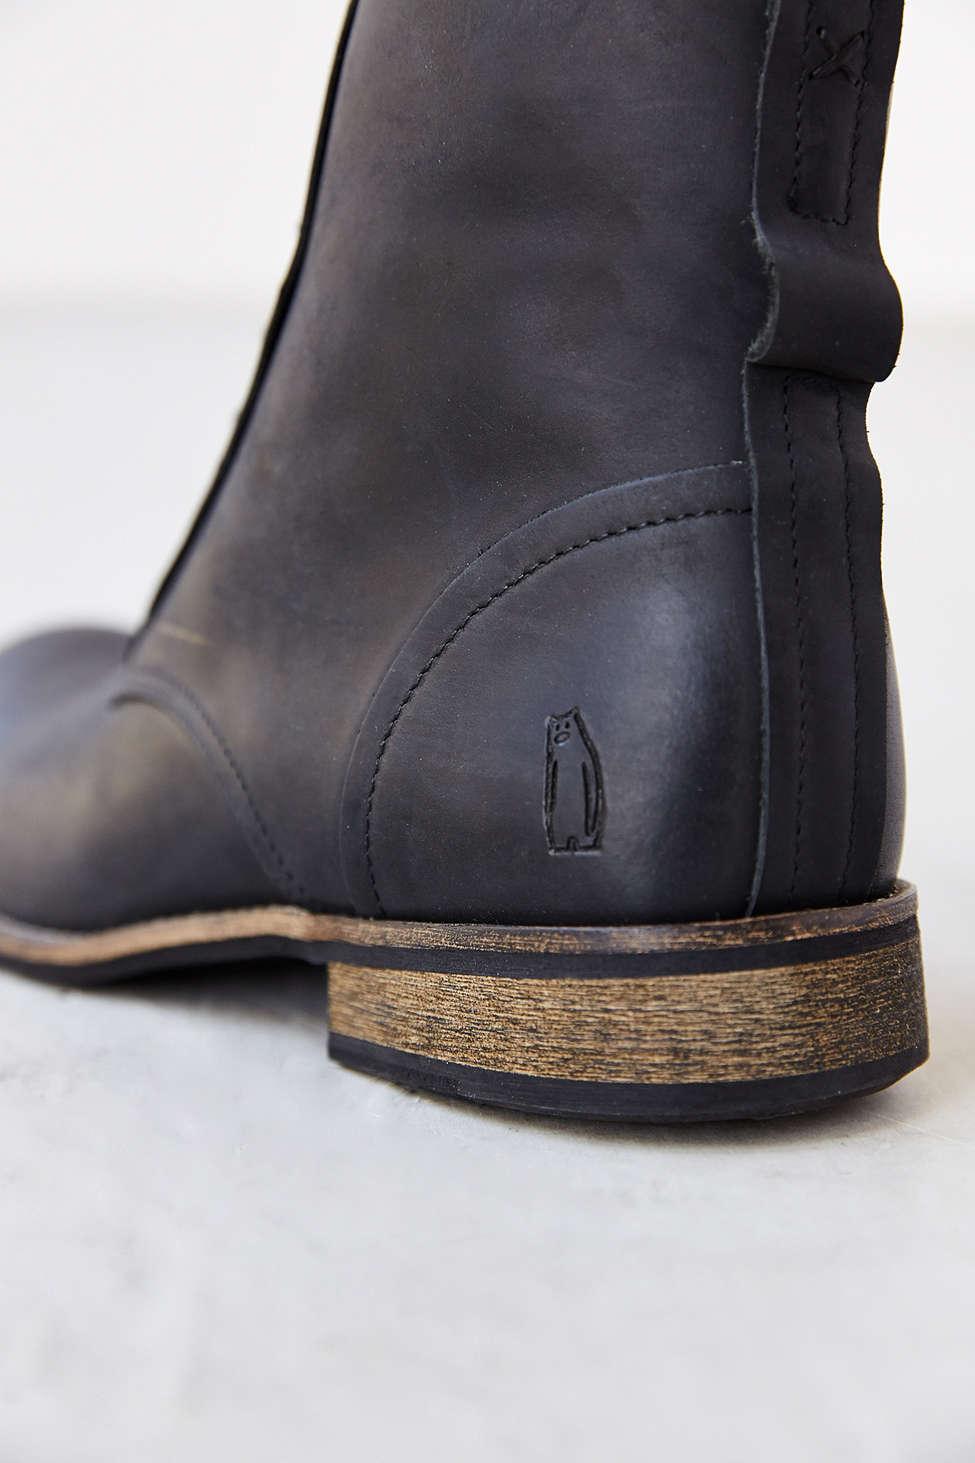 Walker Boot Soletopia